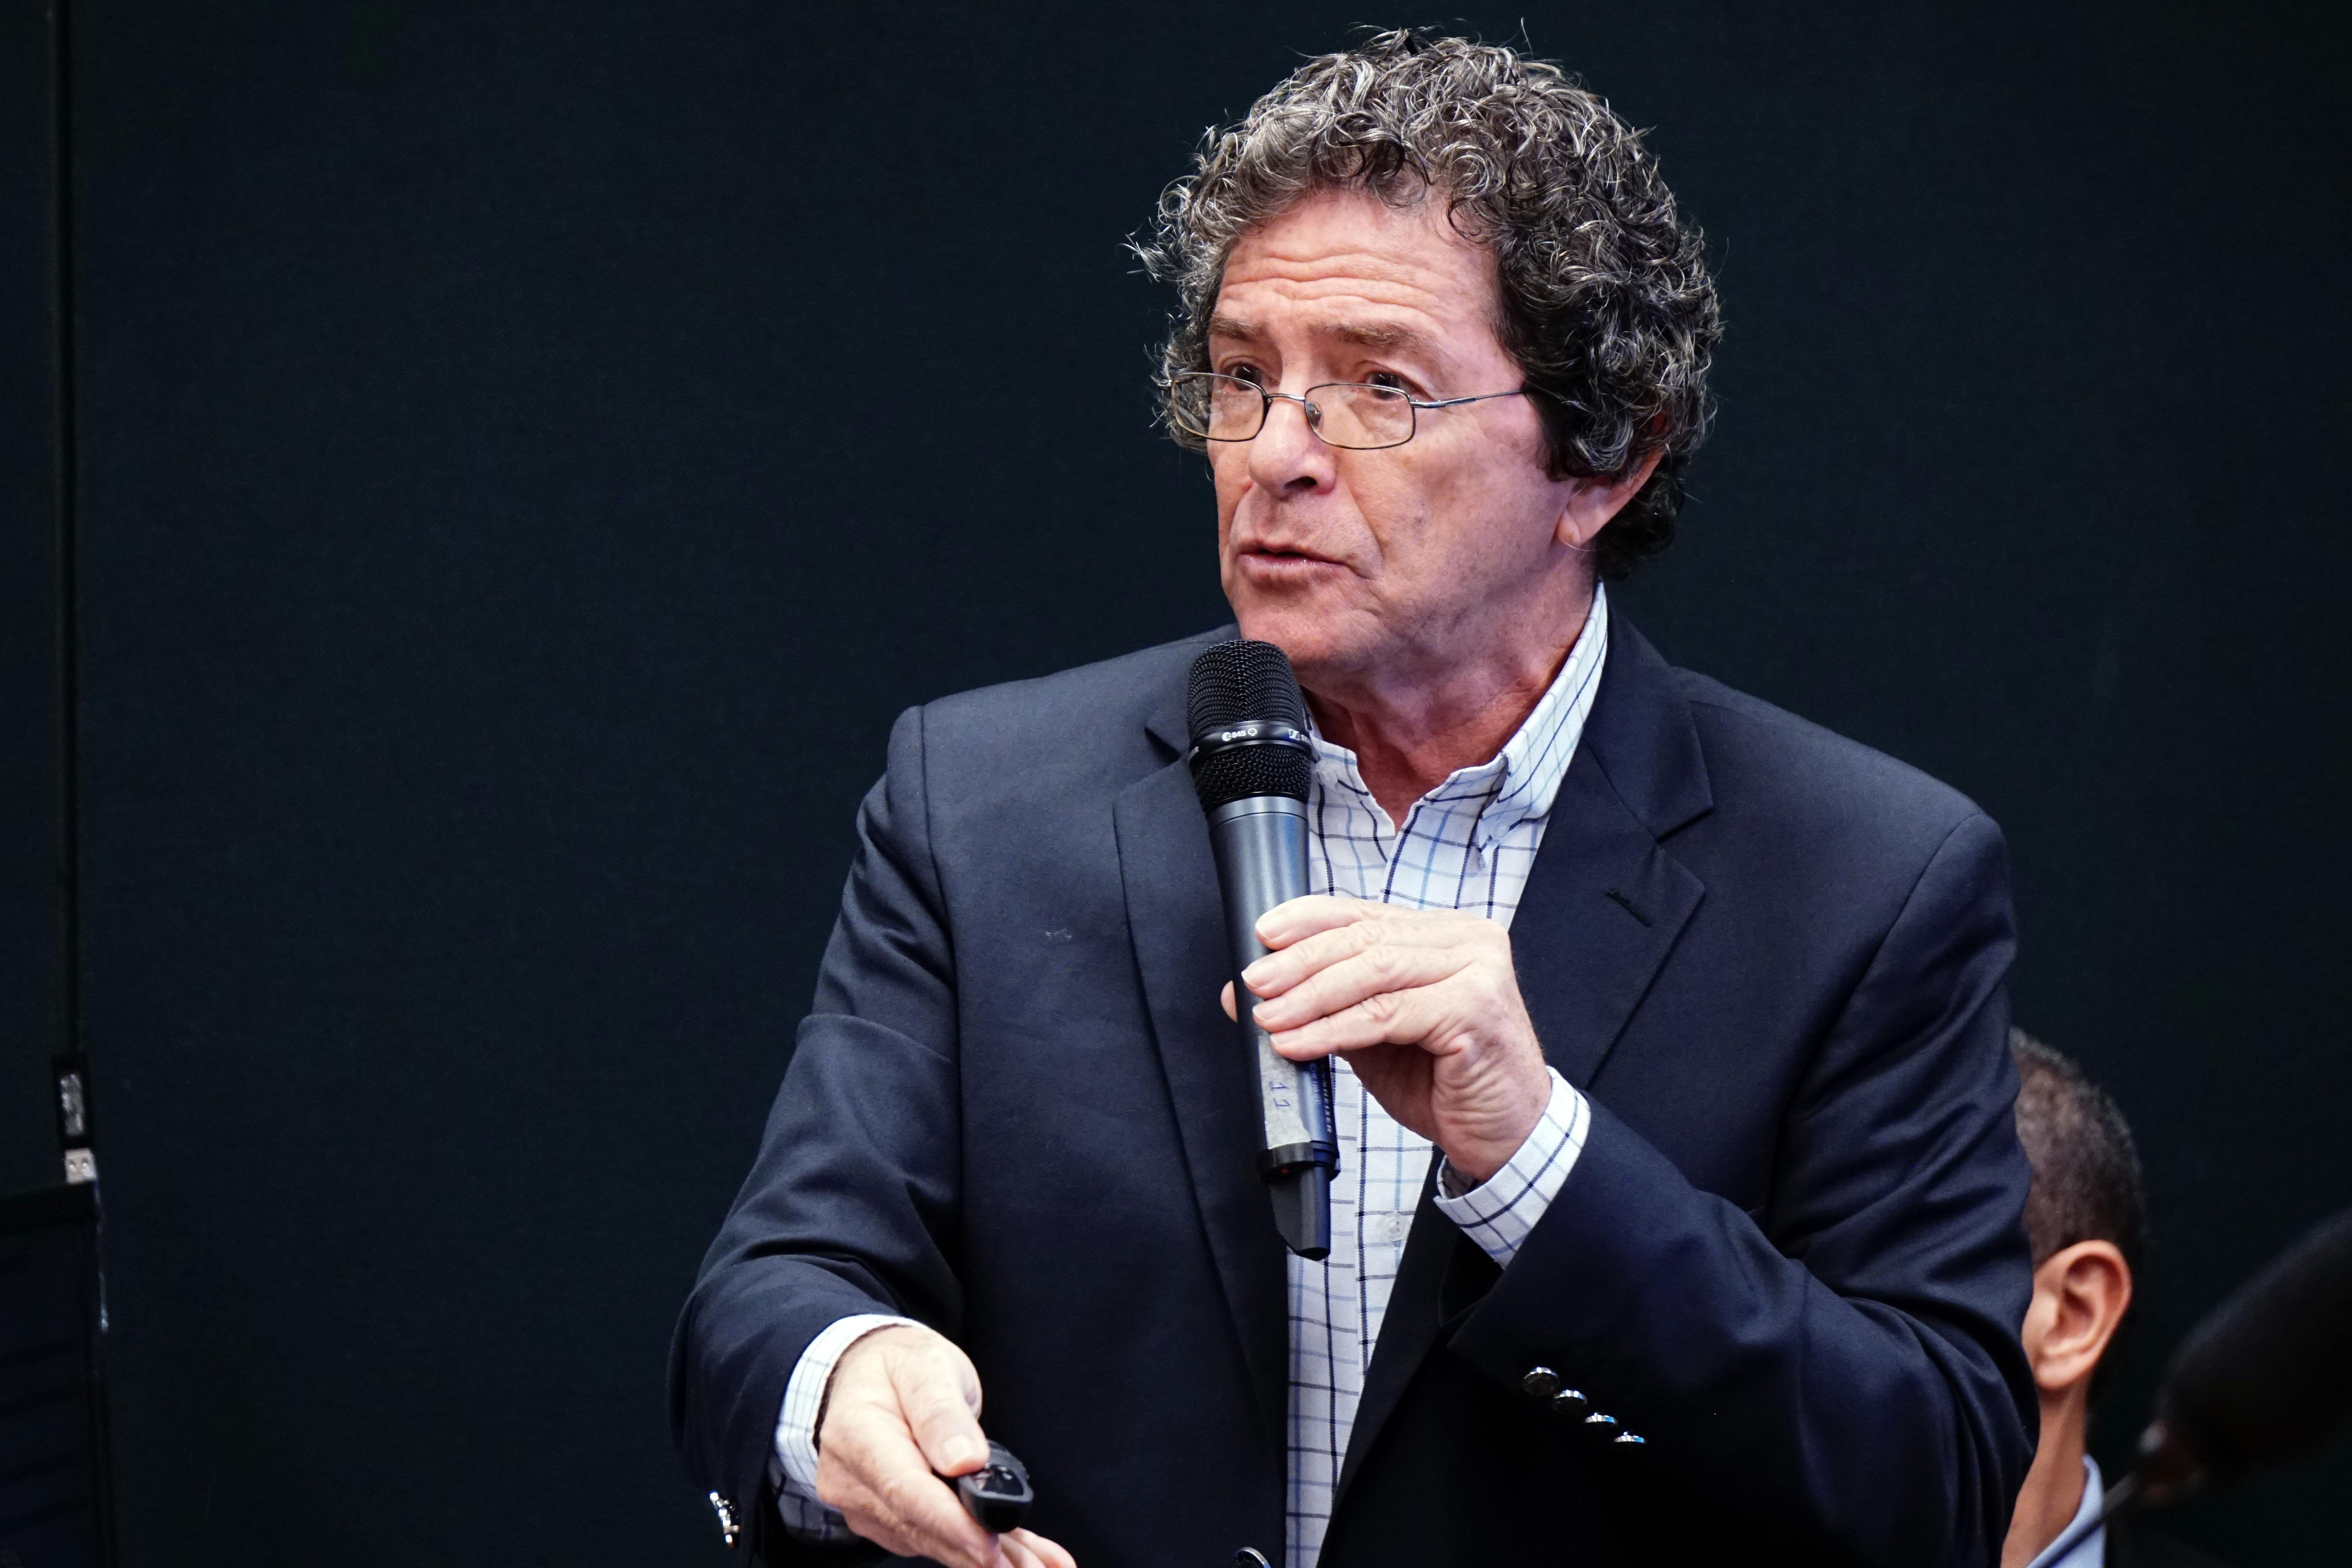 Audiência Pública. Presidente da Sociedade Brasileira para o Progresso da Ciência, Ildeu de Castro Moreira